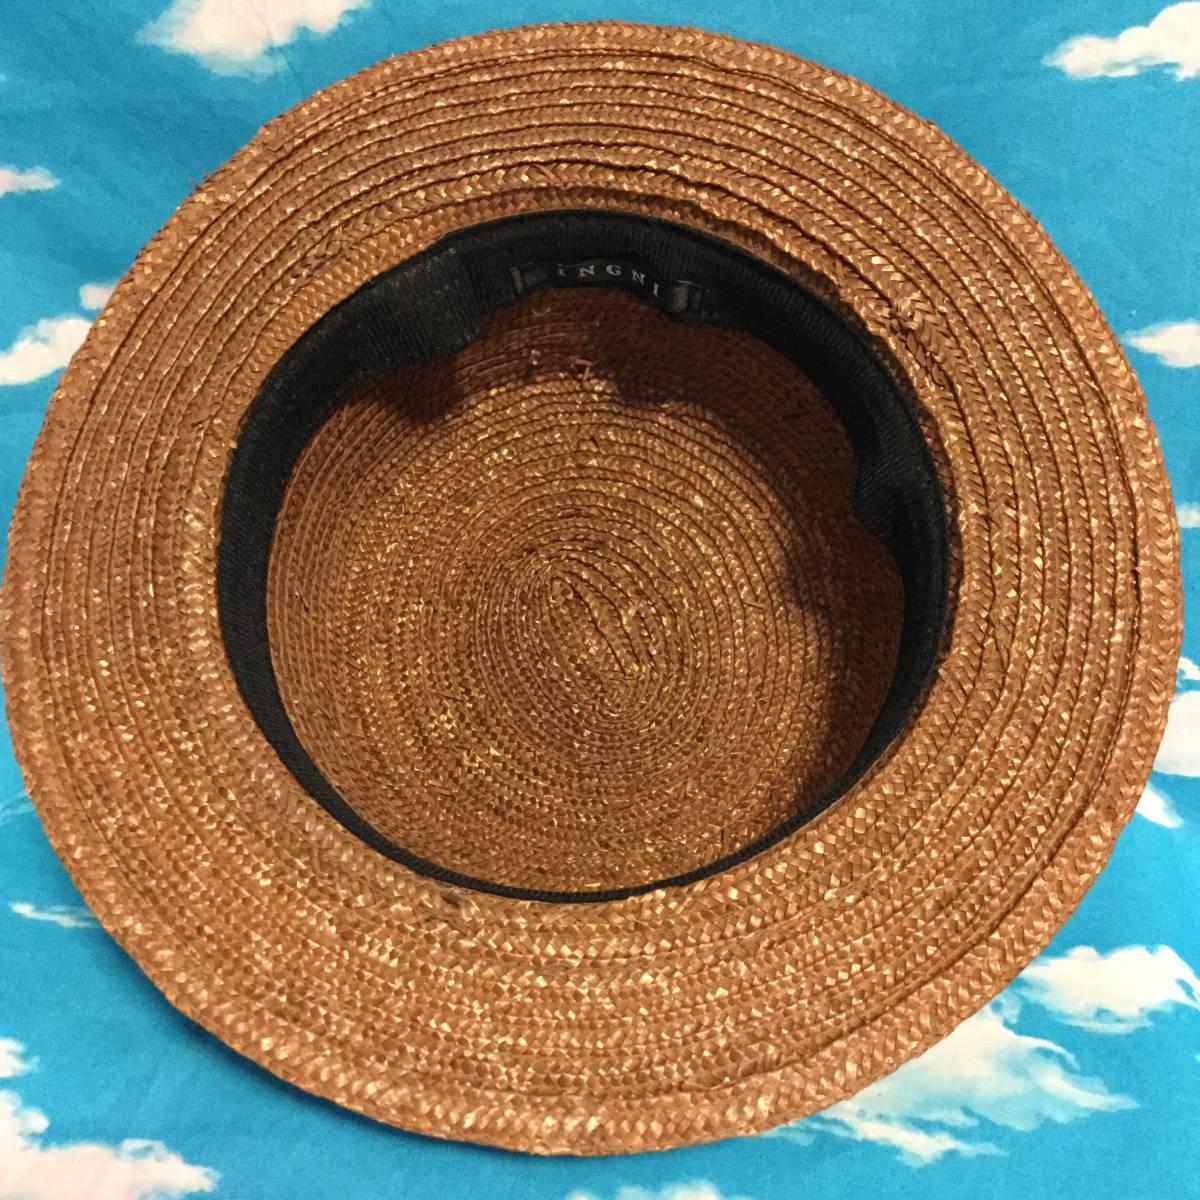 ■INGNI■カンカン帽 ブラウン茶■太めサテンリボン付き■大きめサイズ麦わら帽子麦藁カンカンハット■クラシカルロリータガーリーイング■_画像6